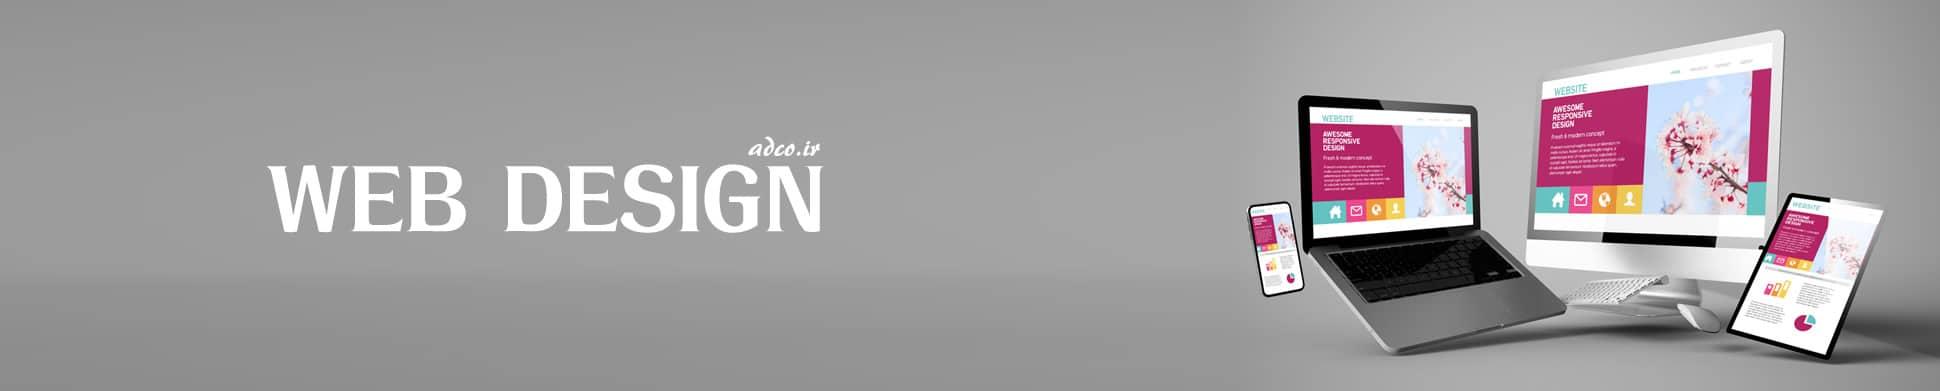 طراحی سایت و انواع وب سایت اختصاصی